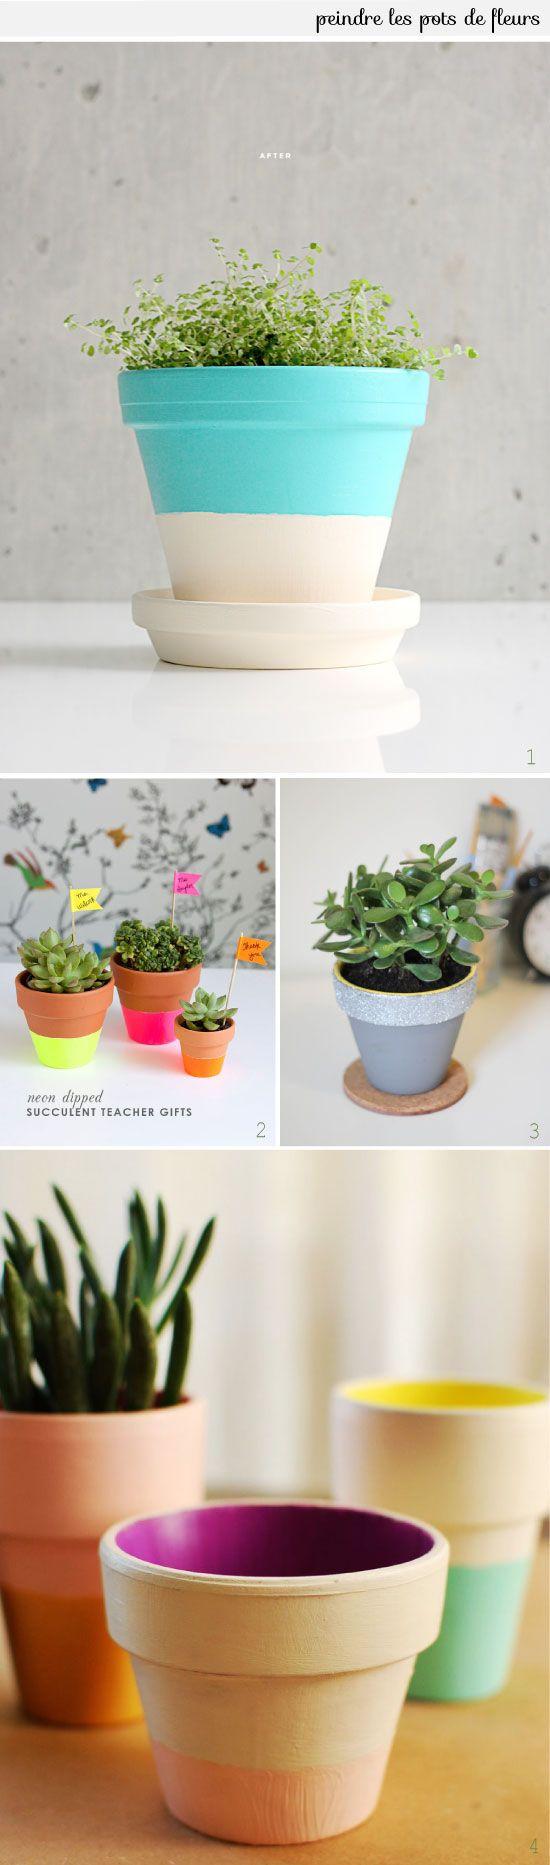 L'atelier du mercredi : avec des pots de fleurs